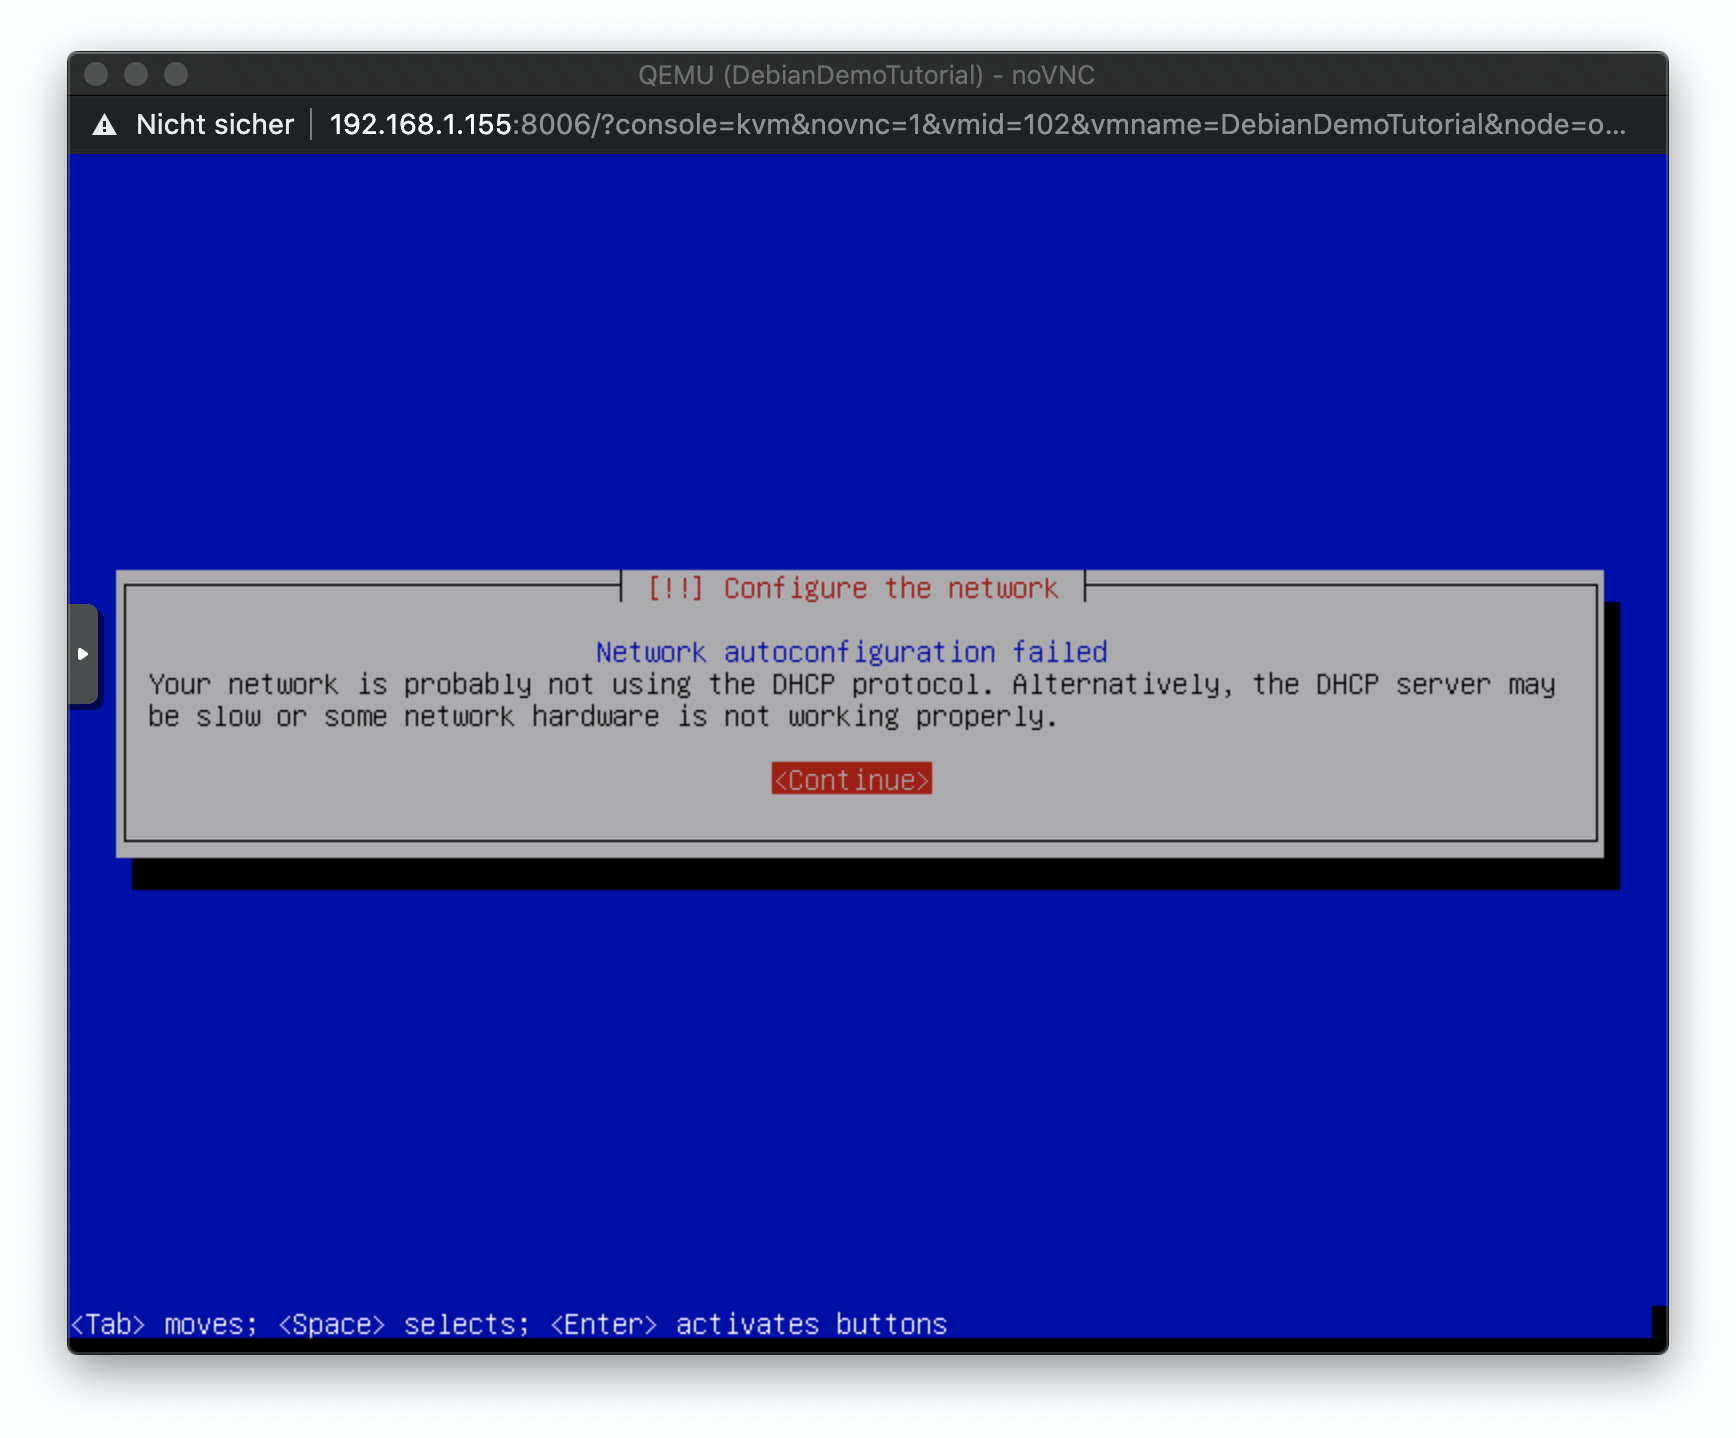 Die Debian VM kann keine Verbindung zum Internet herstellen, da kein DHCP Server eingerichtet ist.